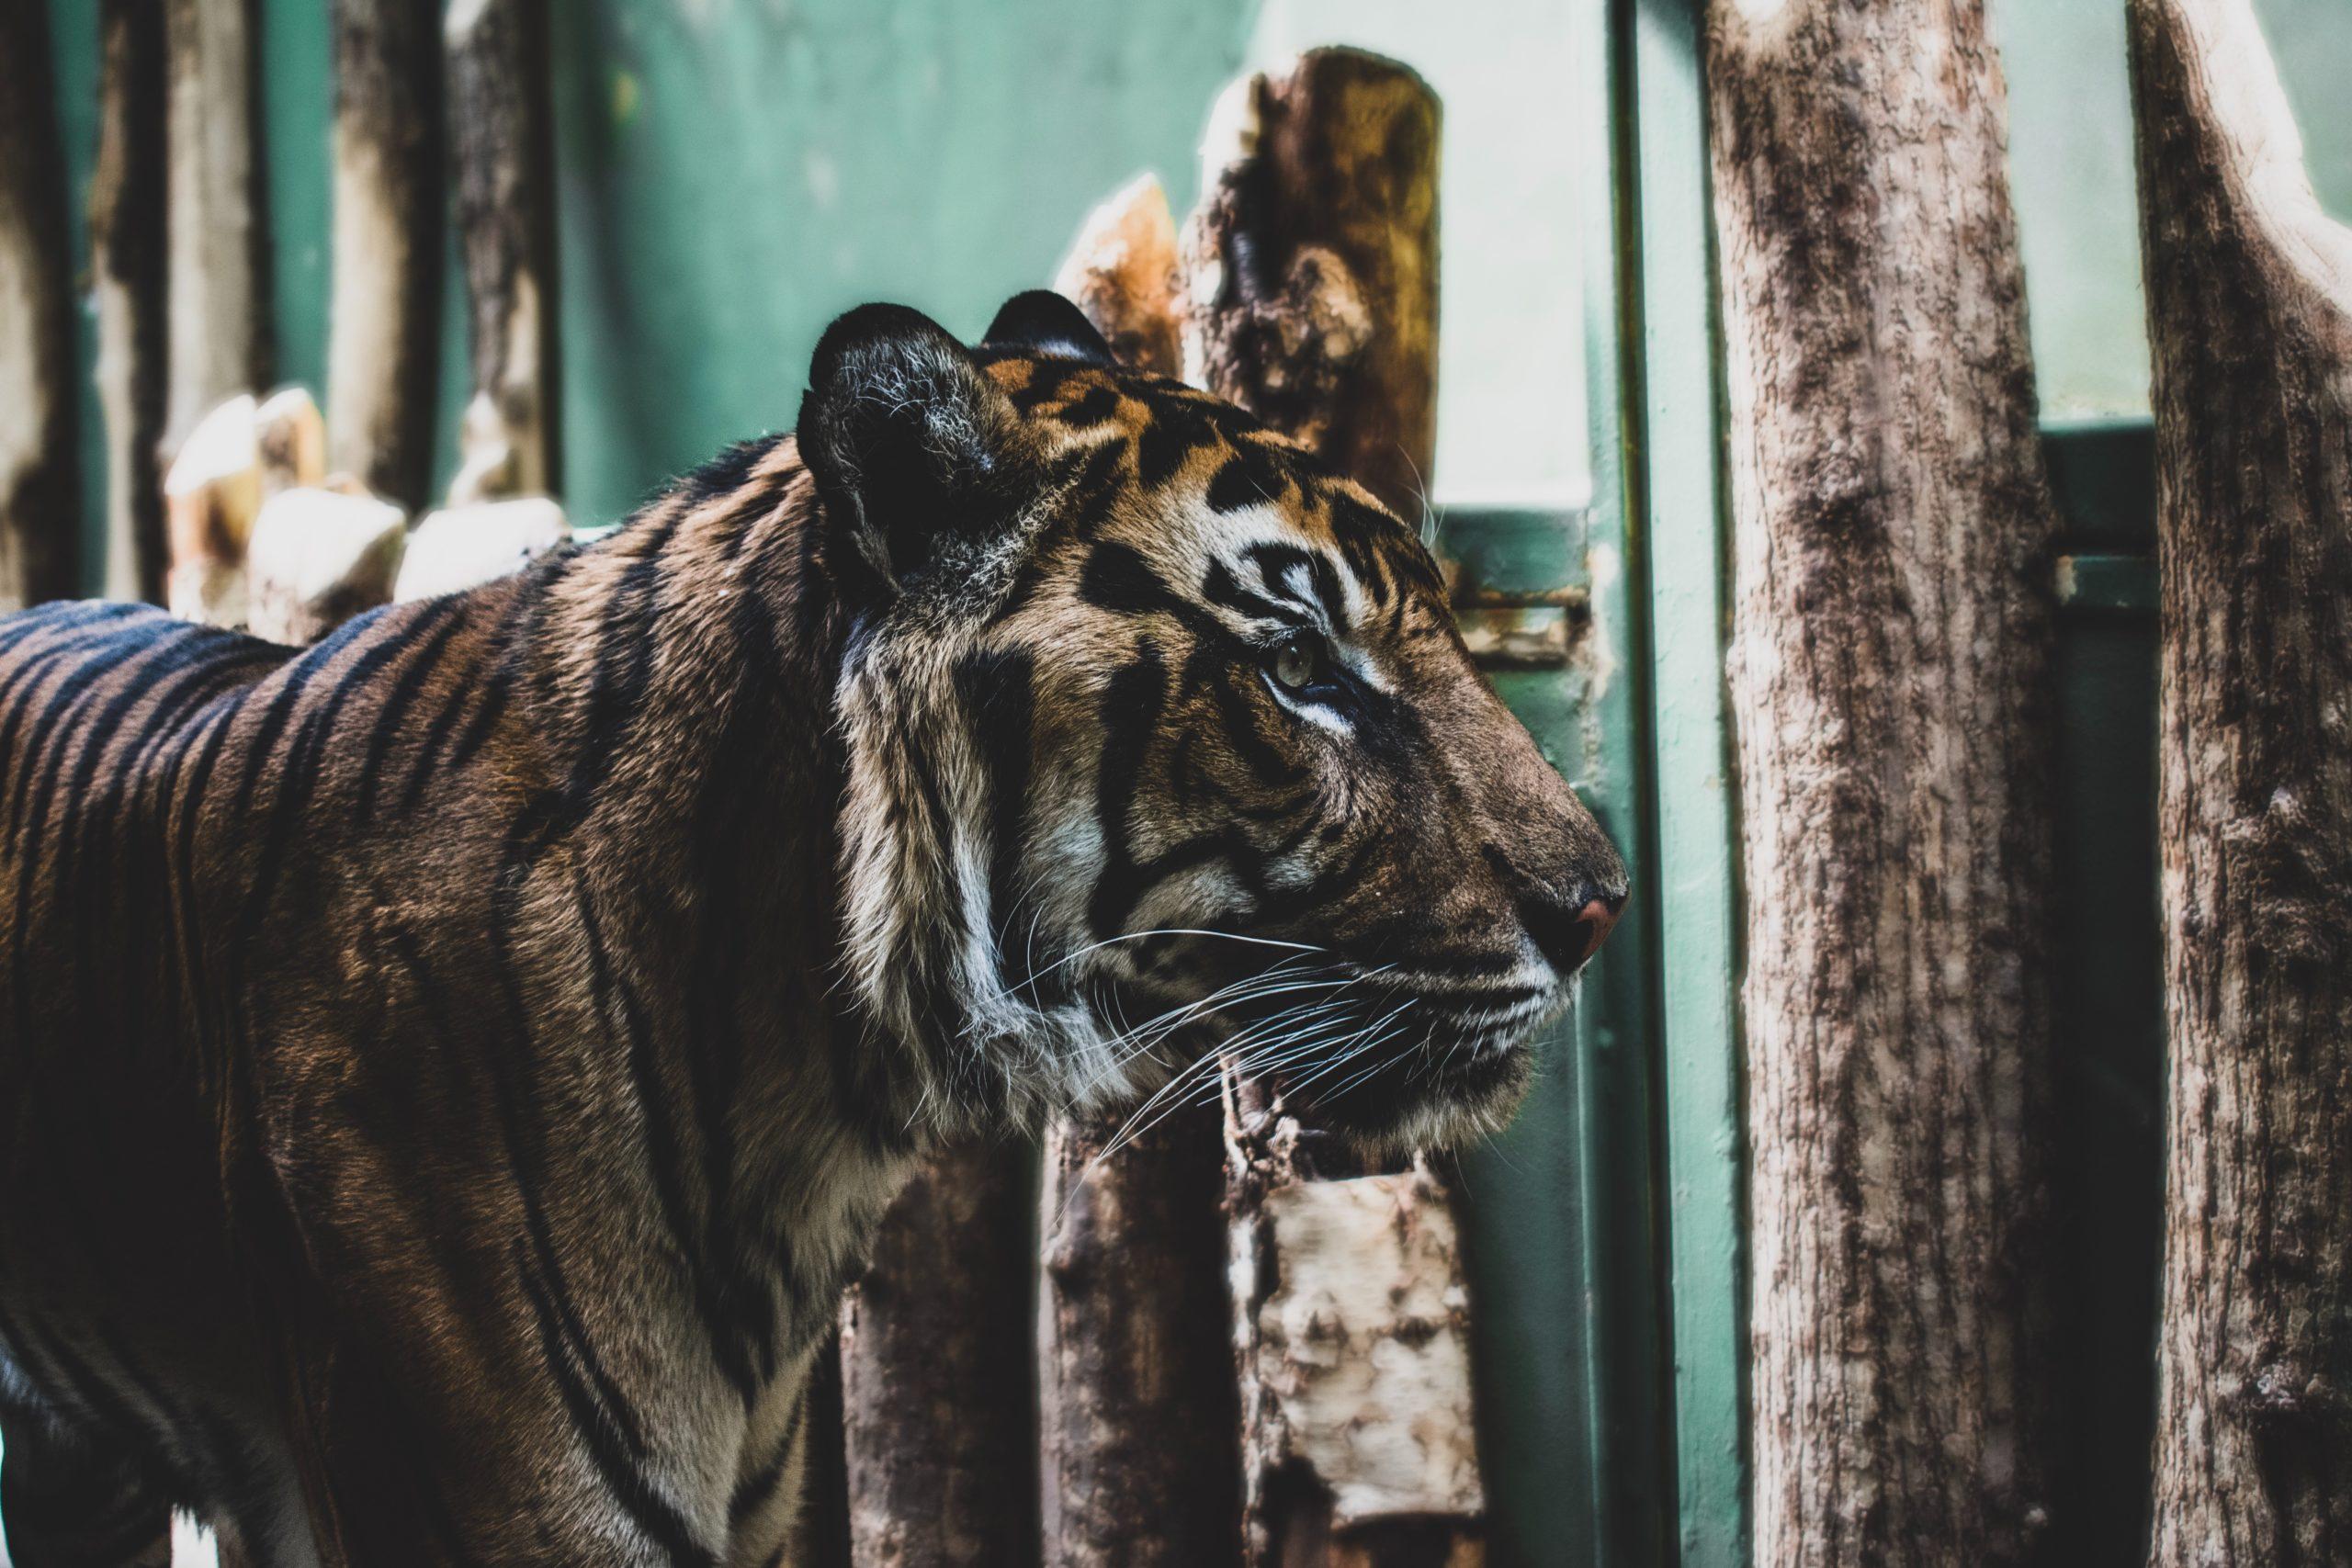 voir_tigre_thailande_sanctuaire_vérité_enfer_maltraitance_animale